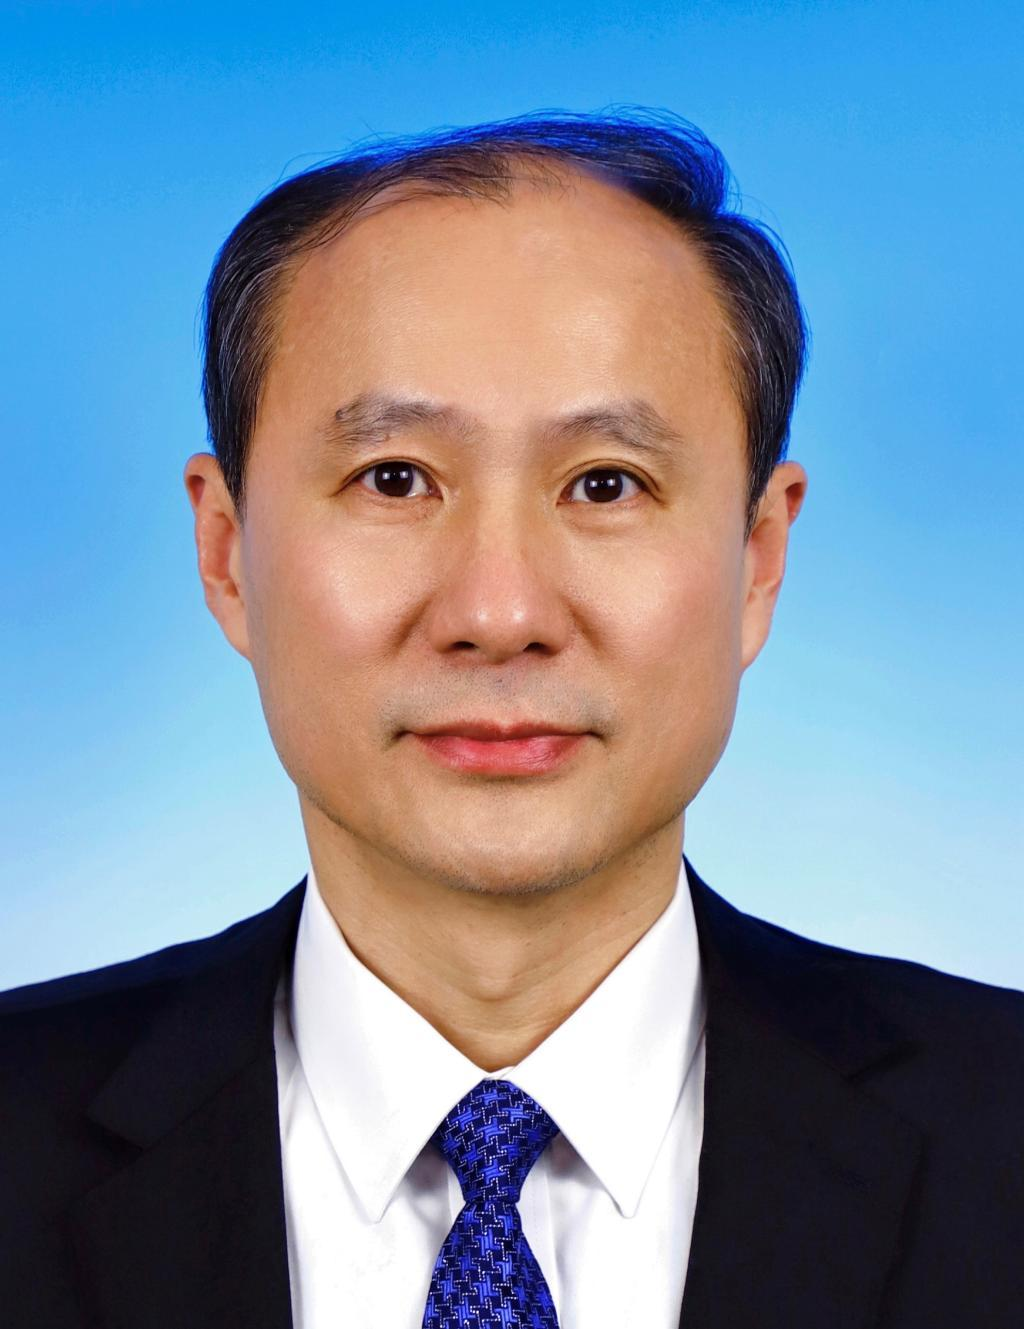 聂祚仁任北京工业大学校长(图/简历)